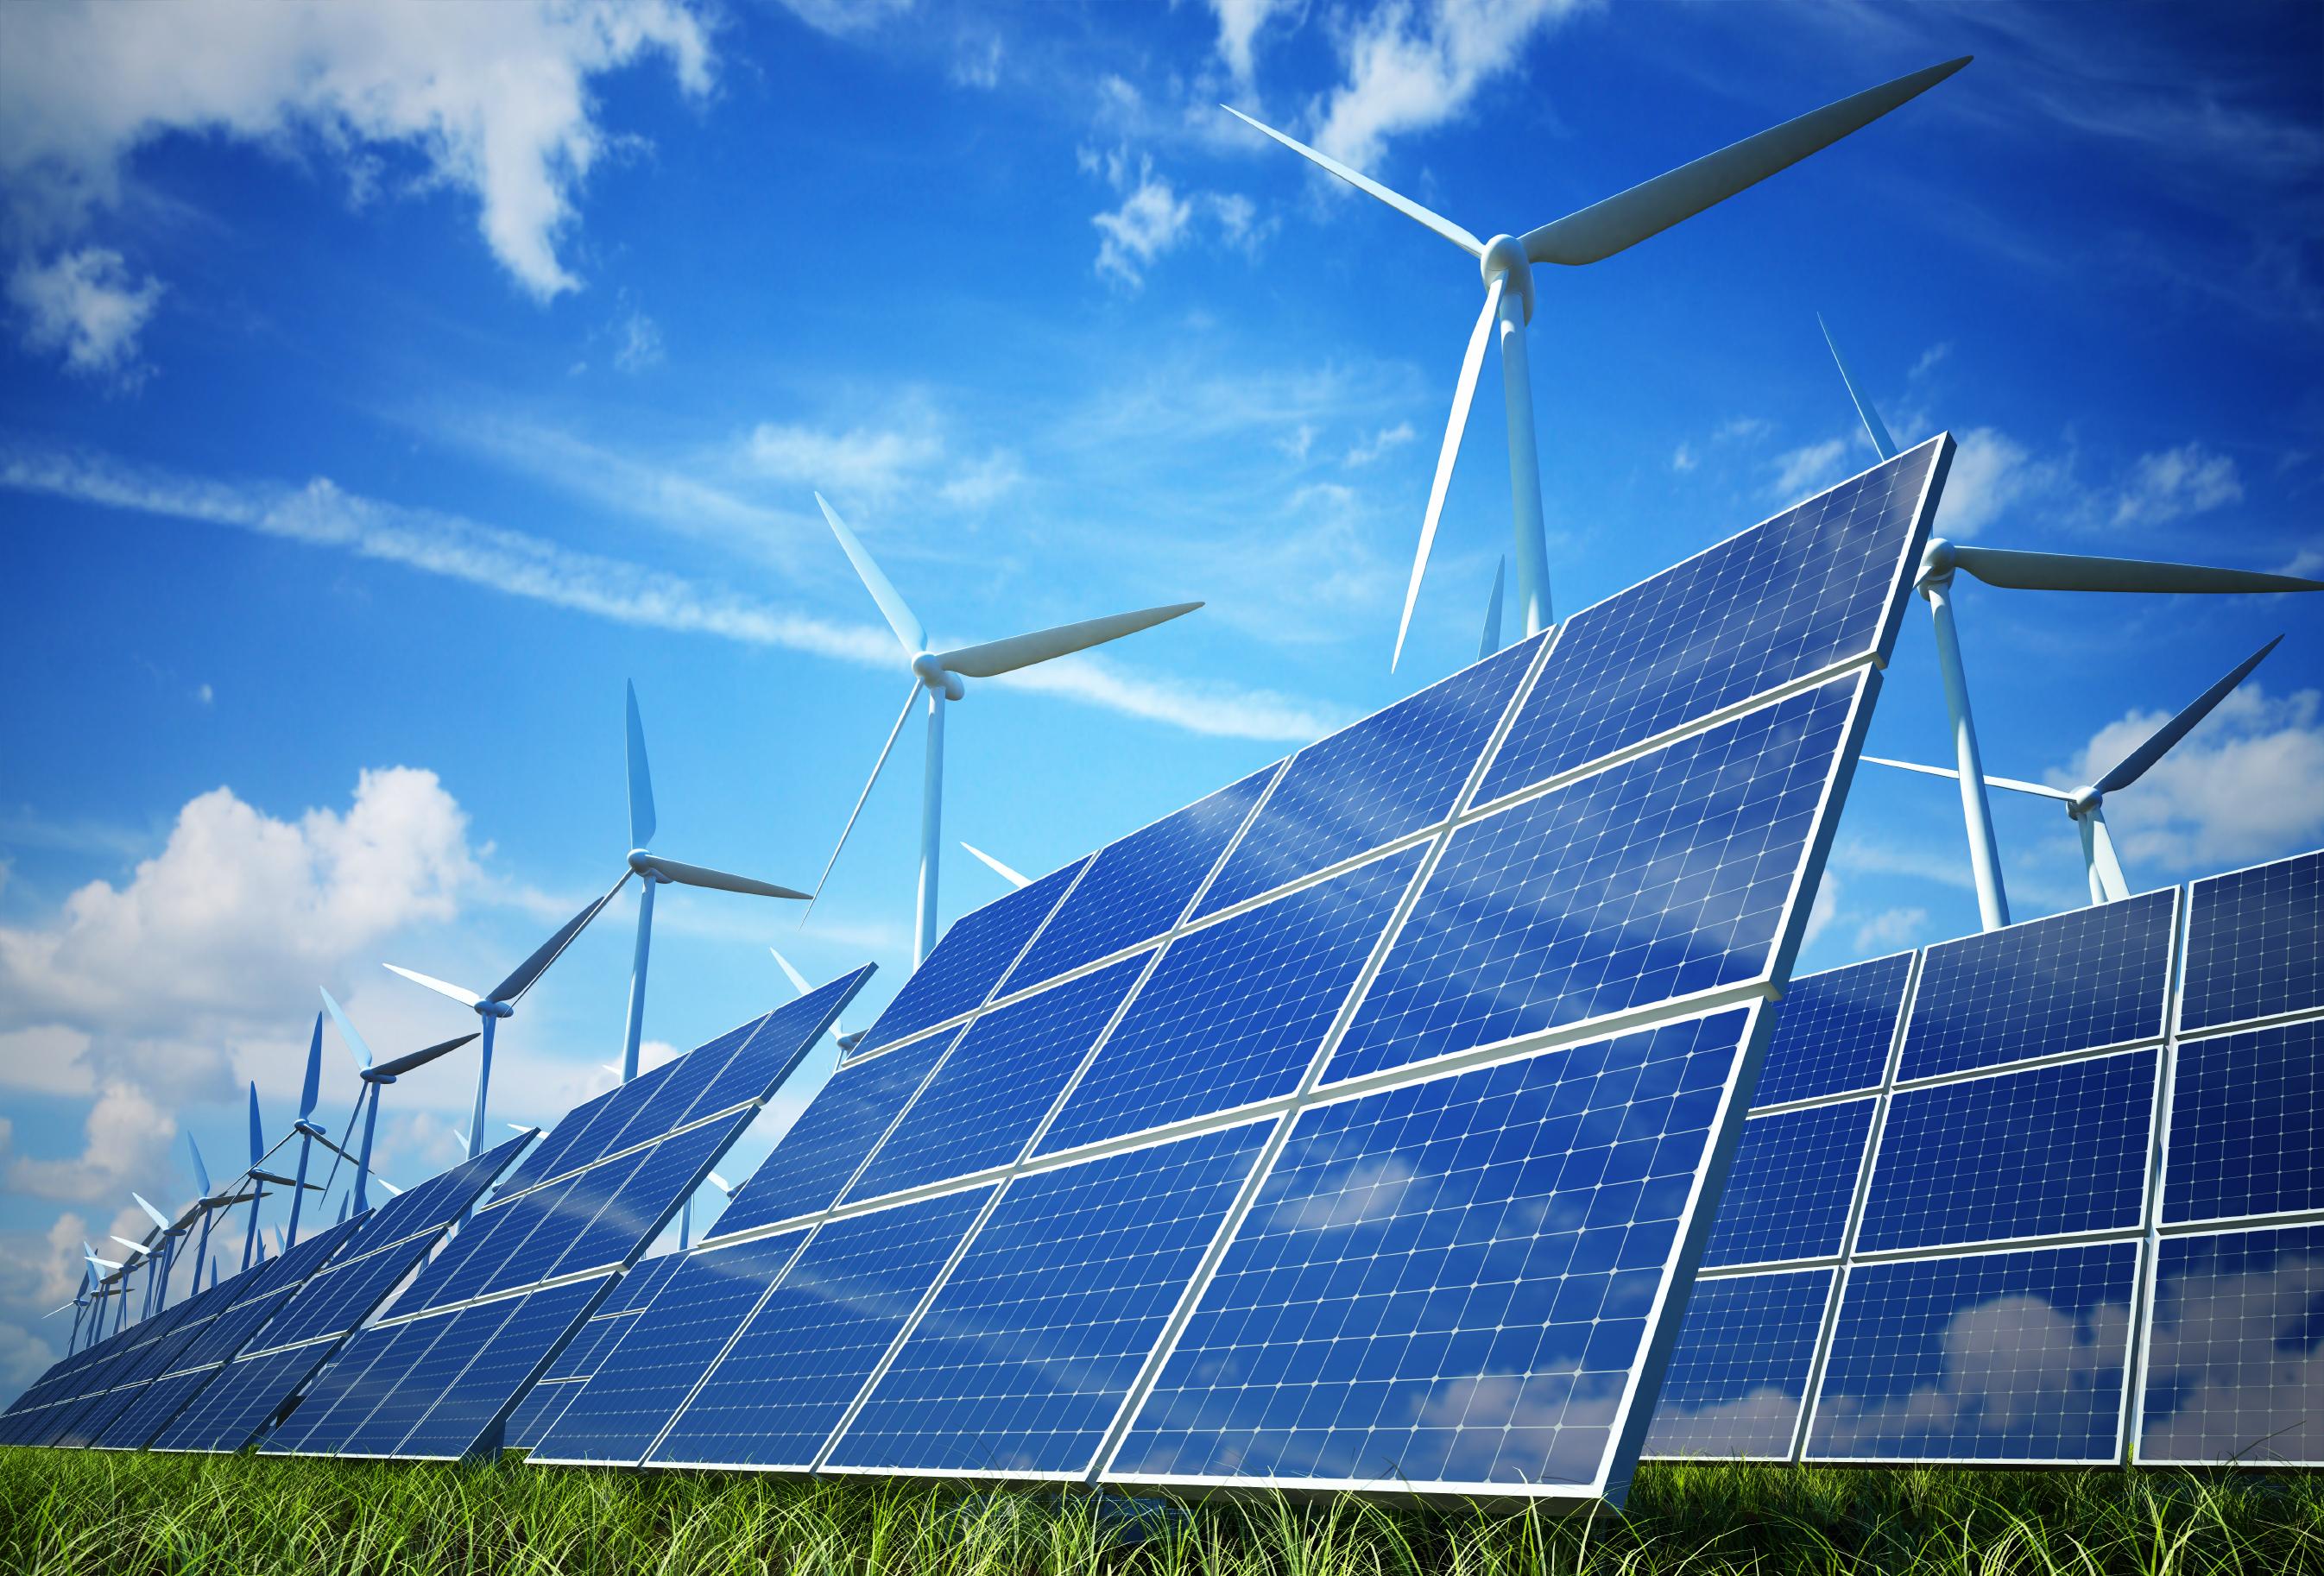 Κλιματική αλλαγή και εξοικονόμηση ενέργειας